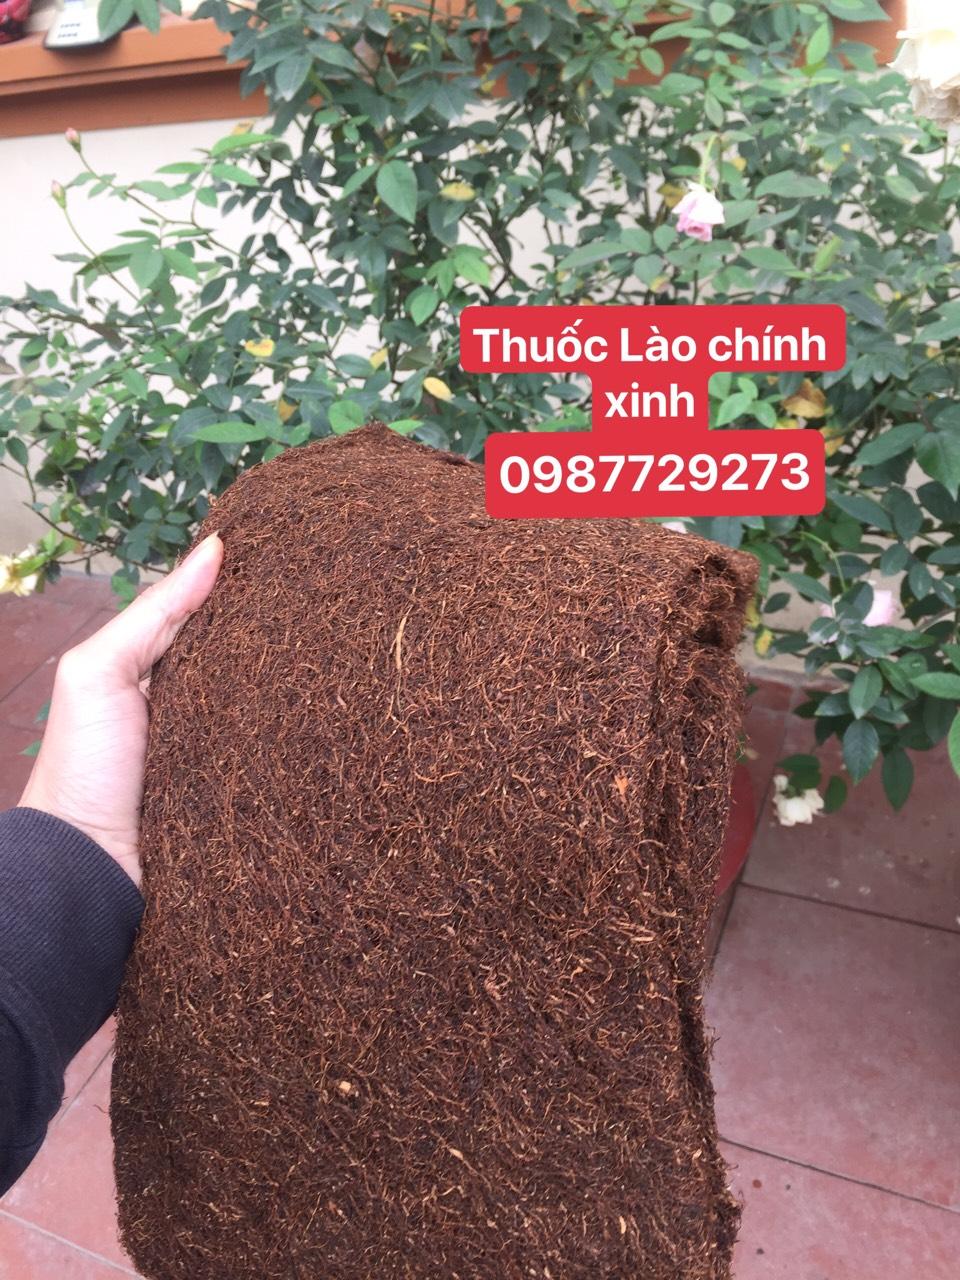 thuốc lào mộc rừng Chính Xinh